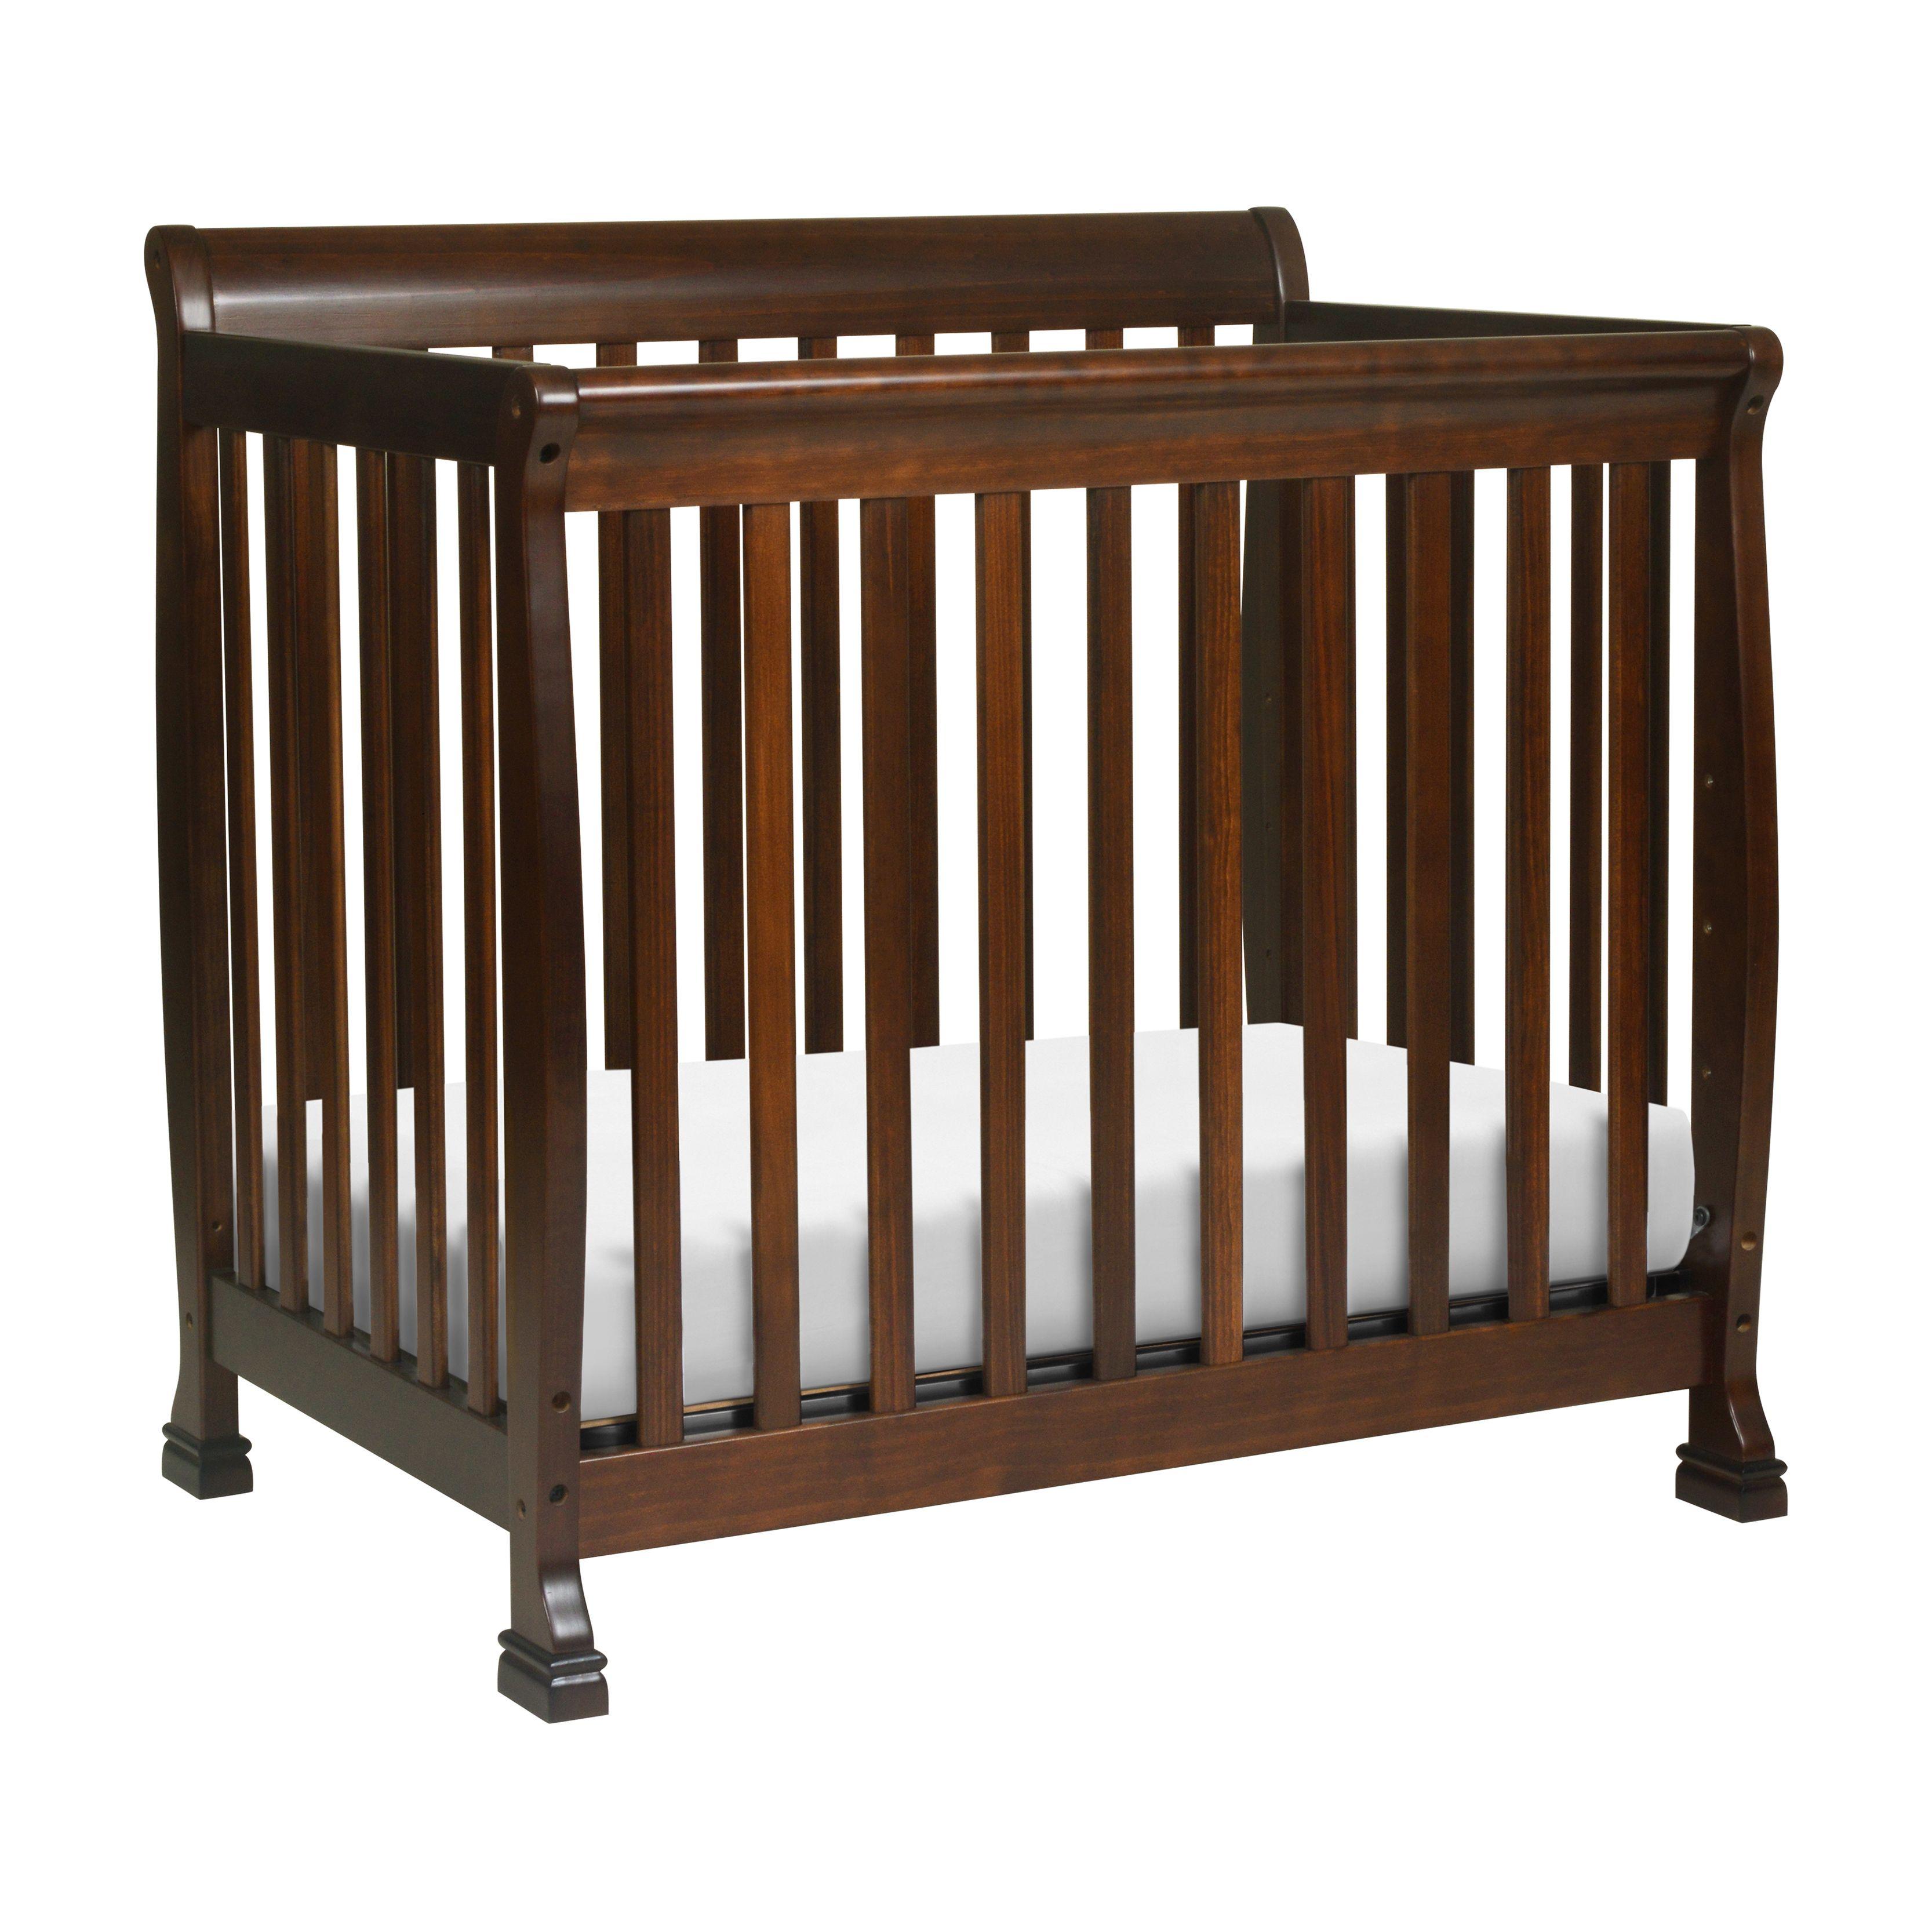 Davinci Kalani 4 In 1 Convertible Mini Crib Espresso Walmart Com In 2020 Mini Crib Cribs Mini Convertible